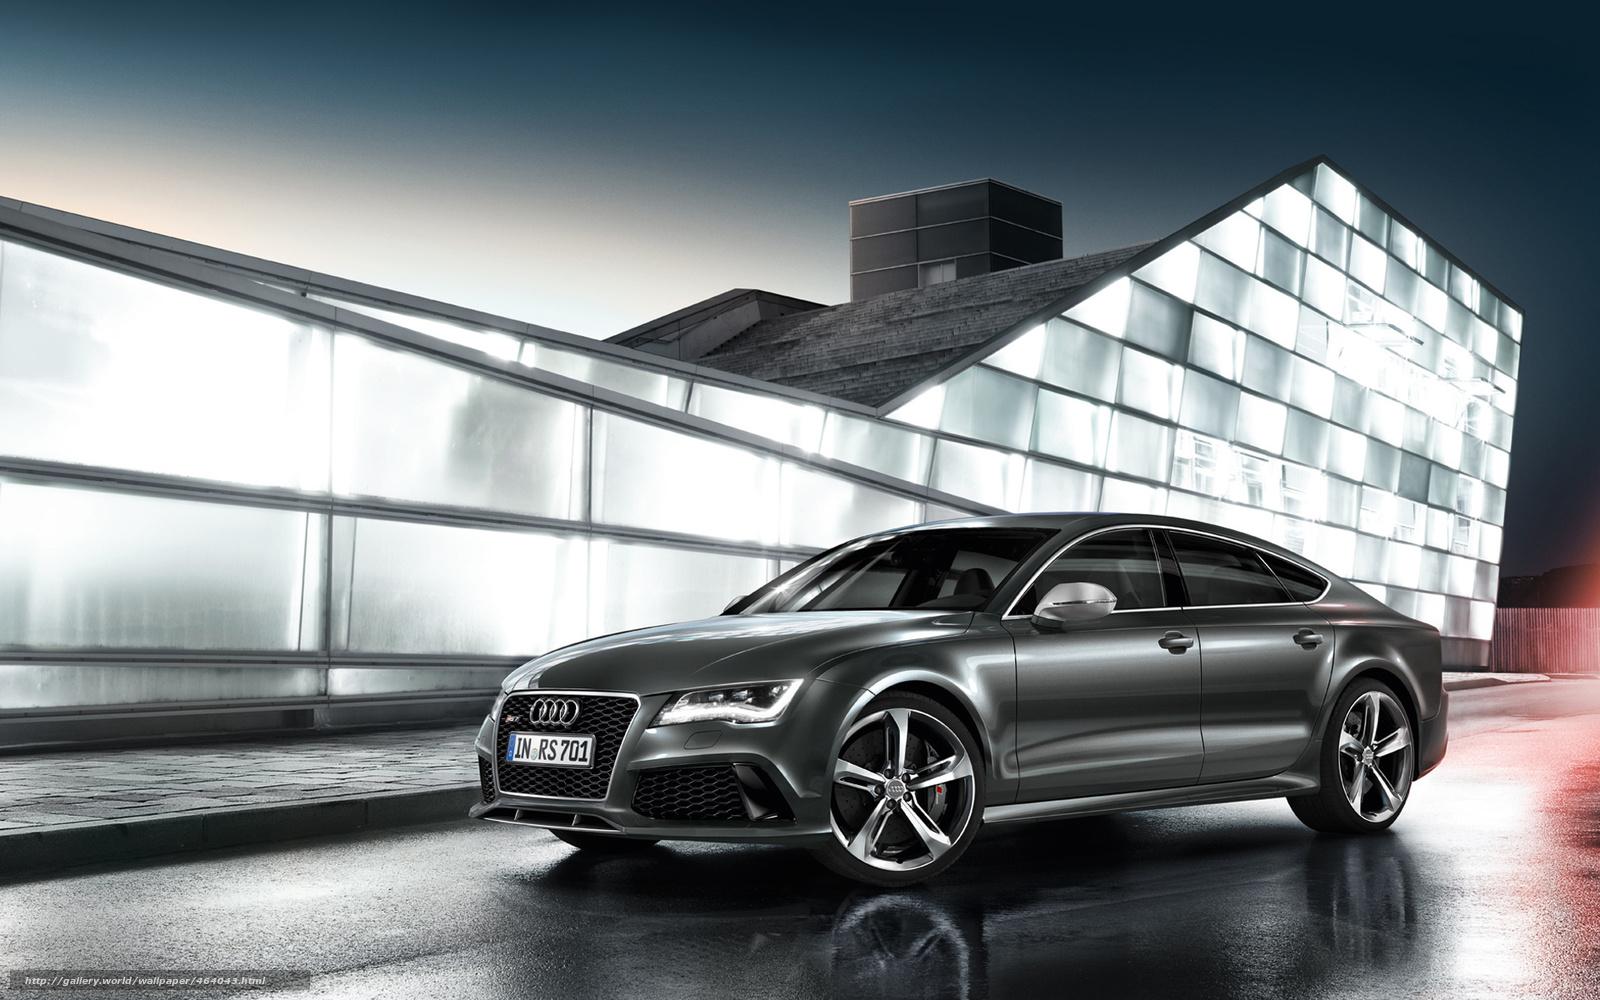 Tlcharger Fond D Ecran Audi Rs7 Sportback Gris Fonds D